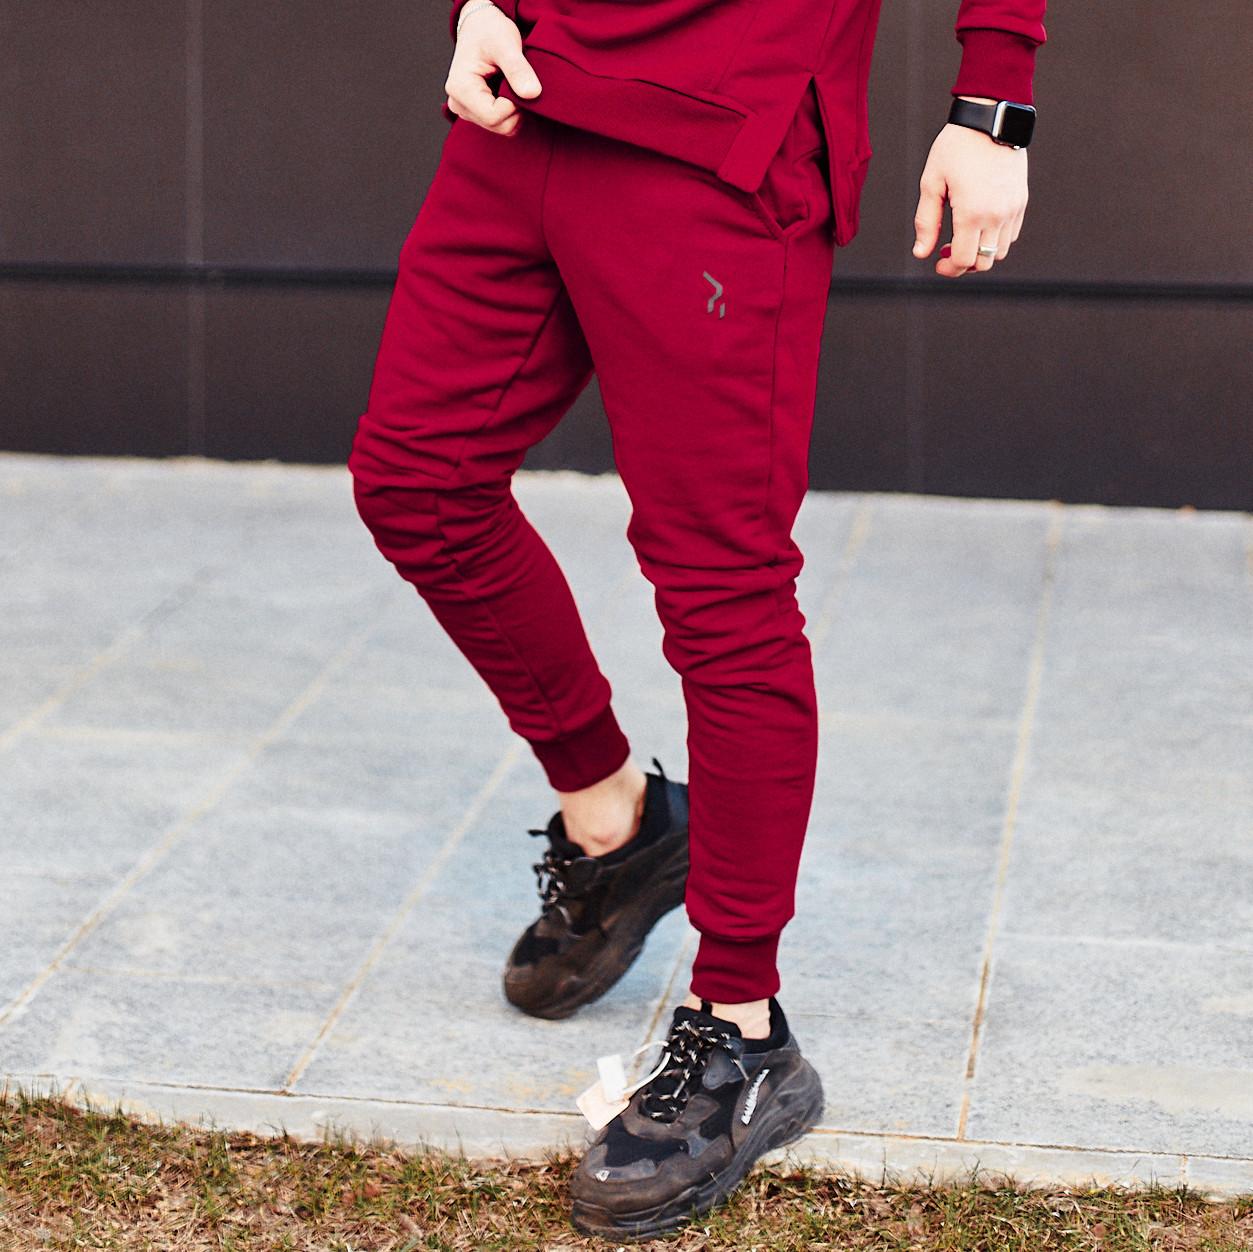 Спортивные штаны Пушка Огонь Jog бордовые